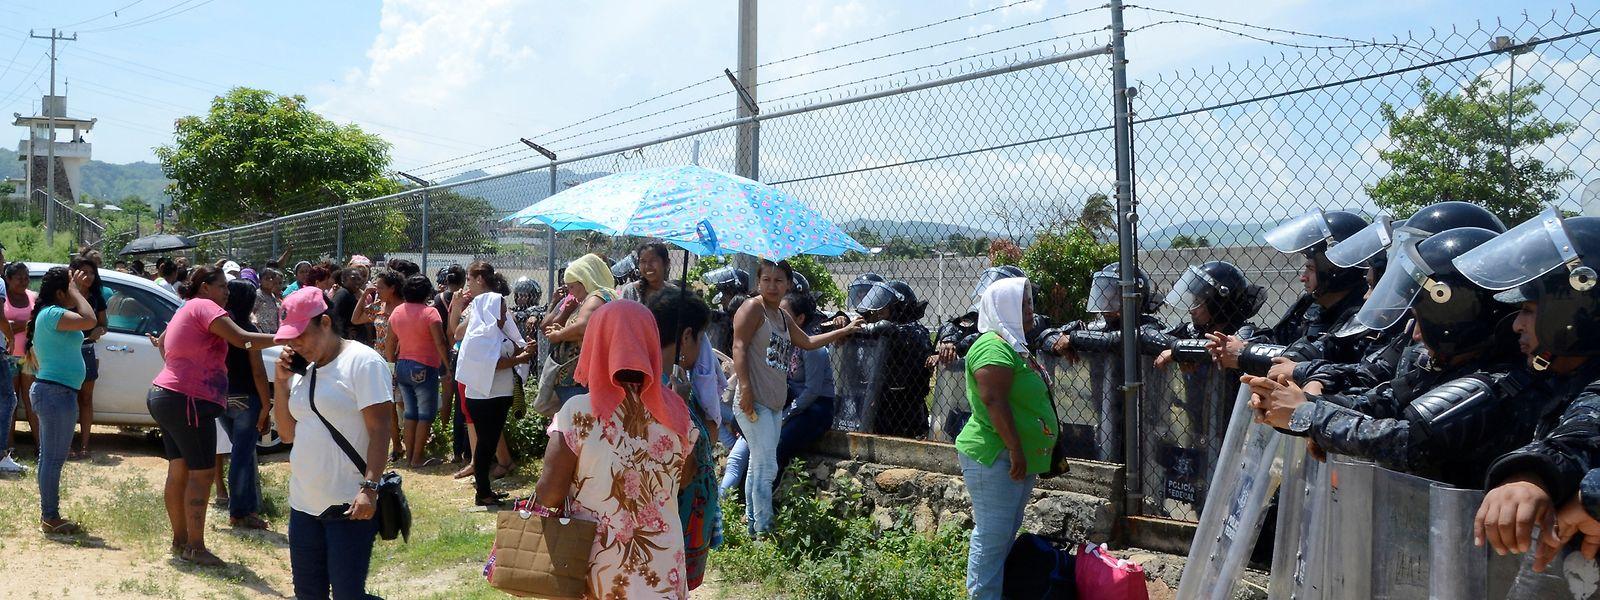 Angehörige der Gefängnisinsassen warteten vor dem Gefängnis auf Neuigkeiten.